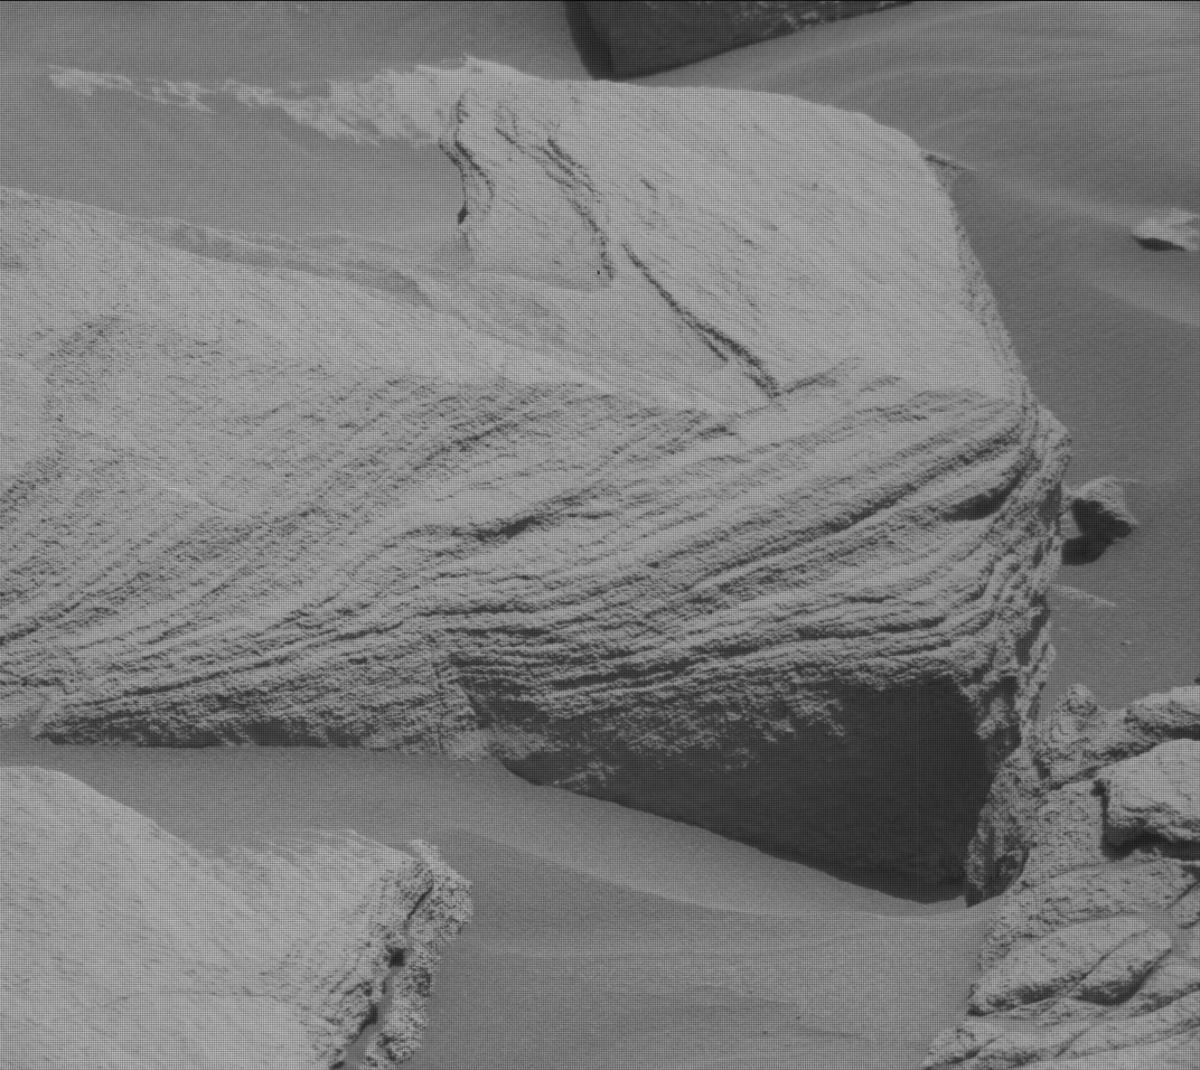 2020-curiosity-after-climbing-4.jpg